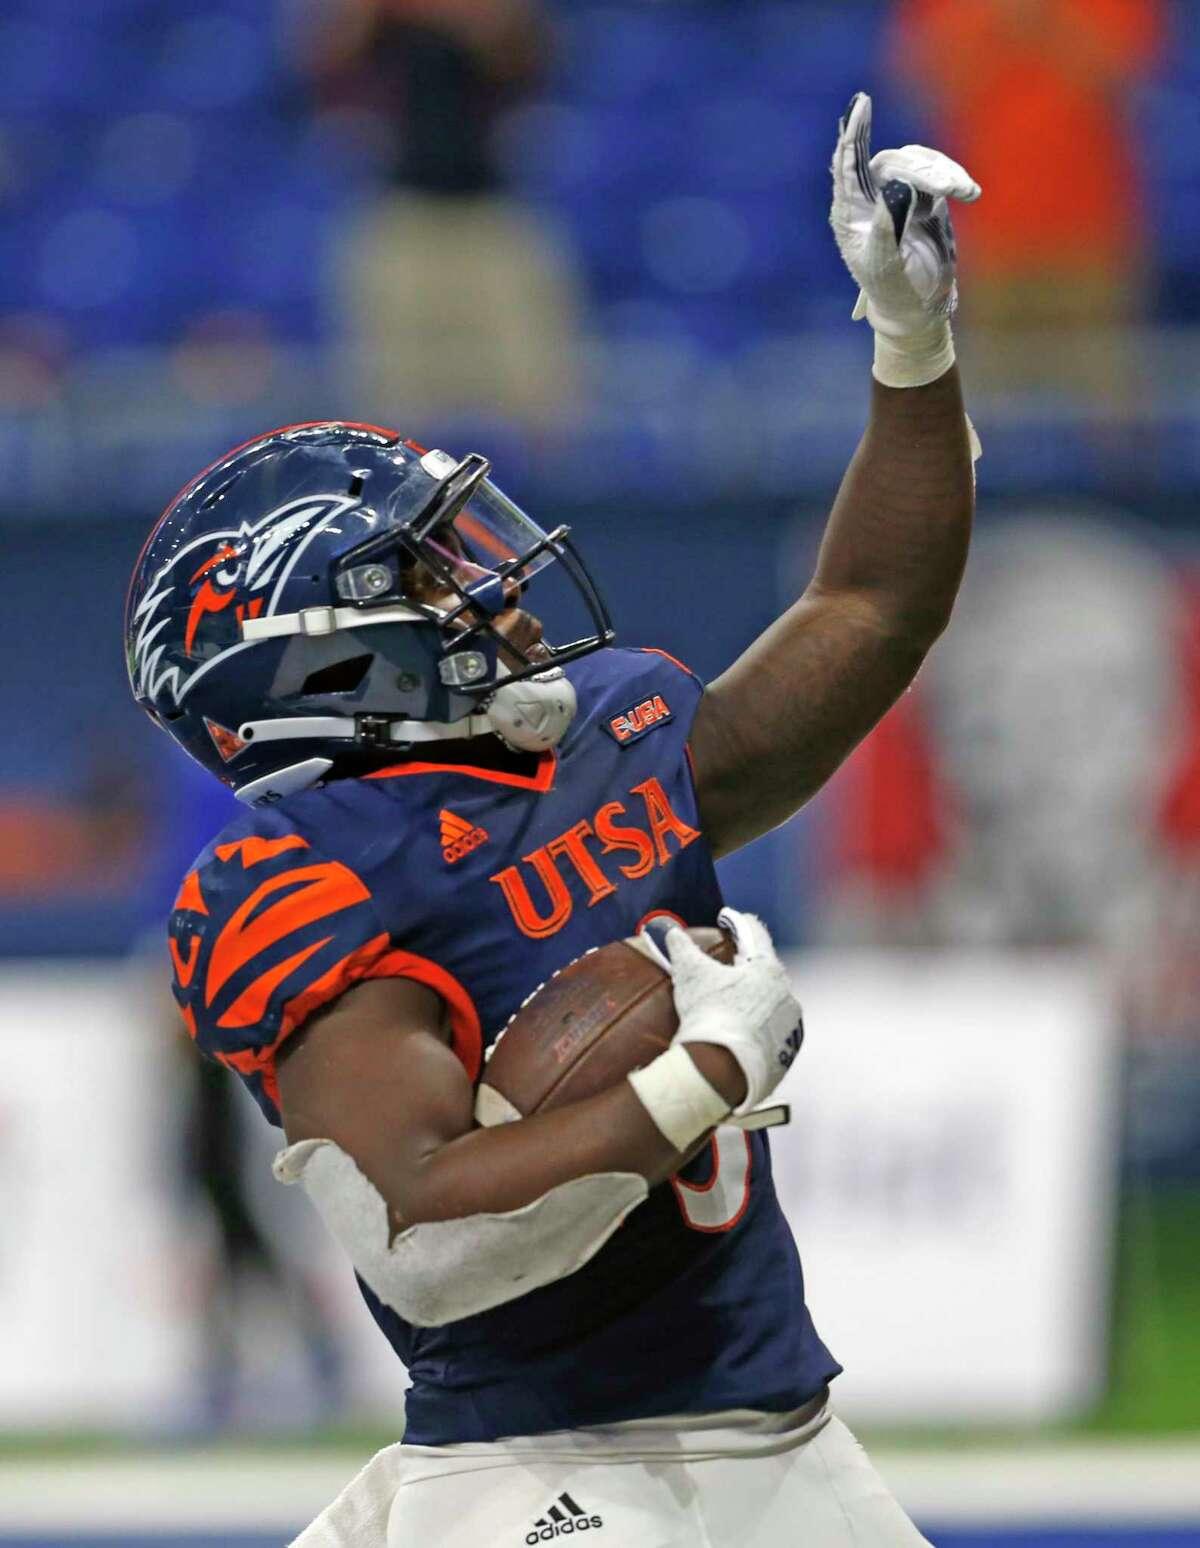 UTSA RB Sincere McCormick celebrates his winning touchdown on October 24, 2020 at the Alamodome. Final Score score UTSA 27 Louisiana Tech 26